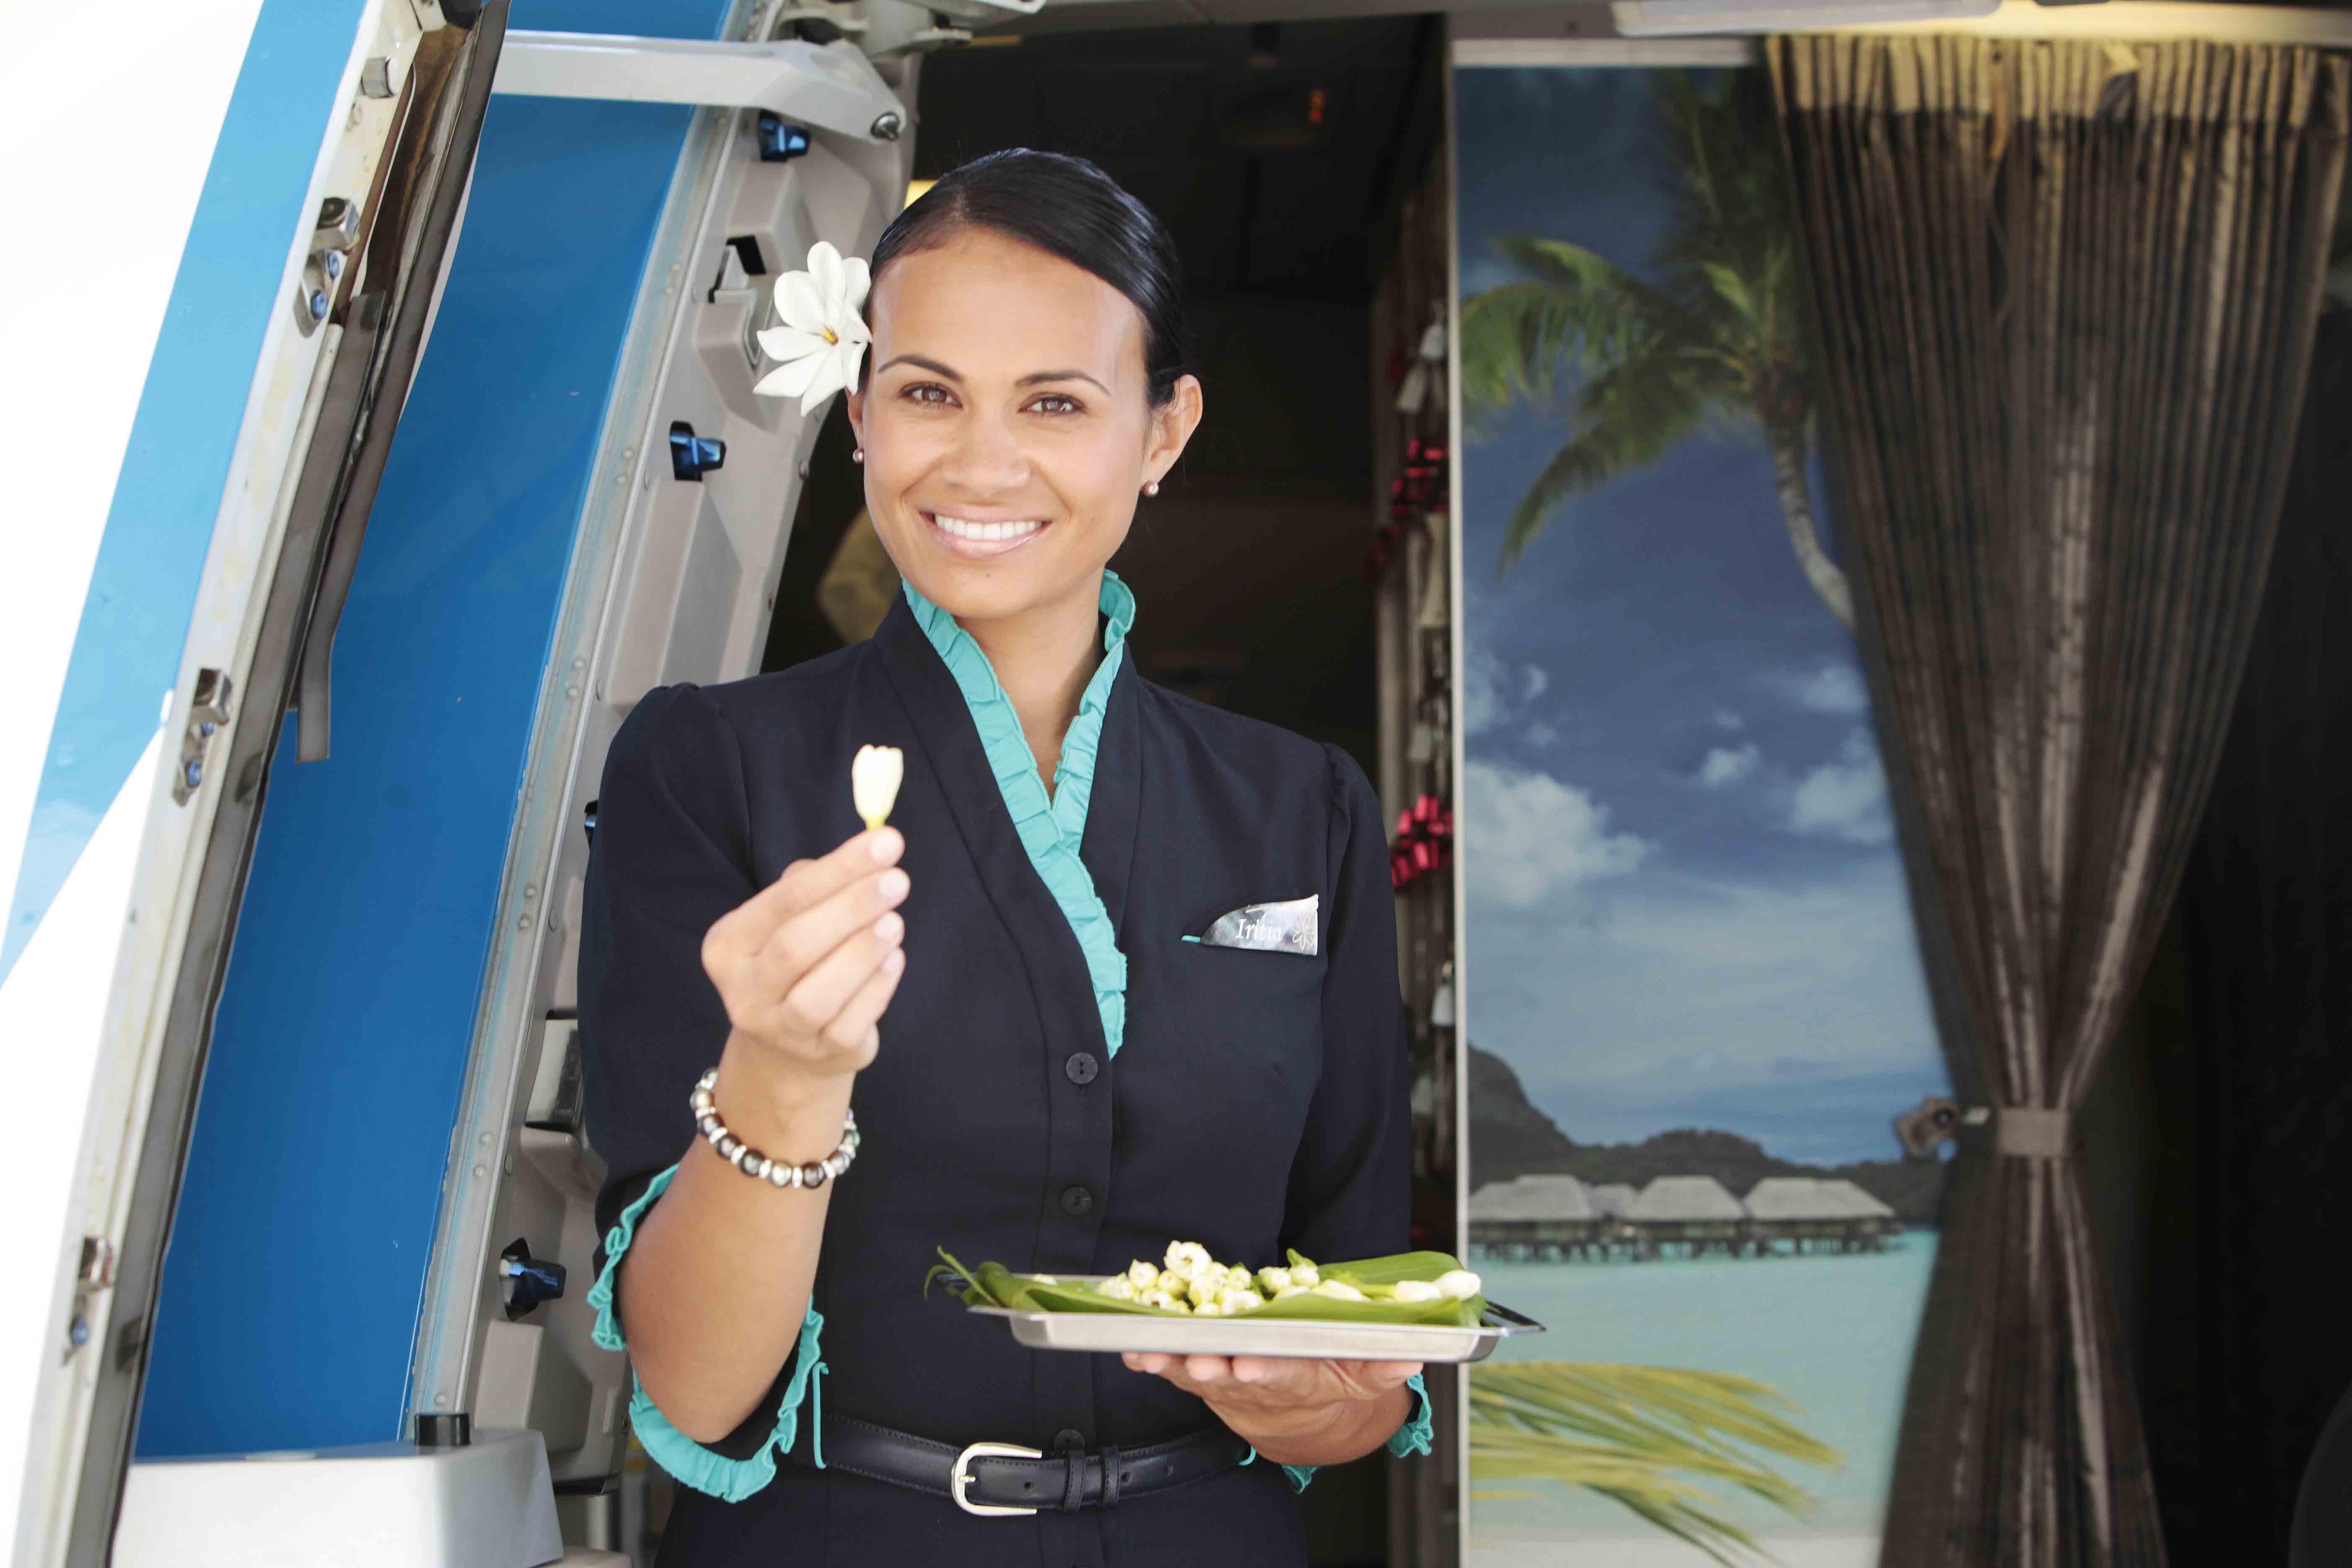 Comissária da Air Tahiti Nui oferecendo a flor símbolo do Tahiti, tiare, aos passageiros | foto: divulgação